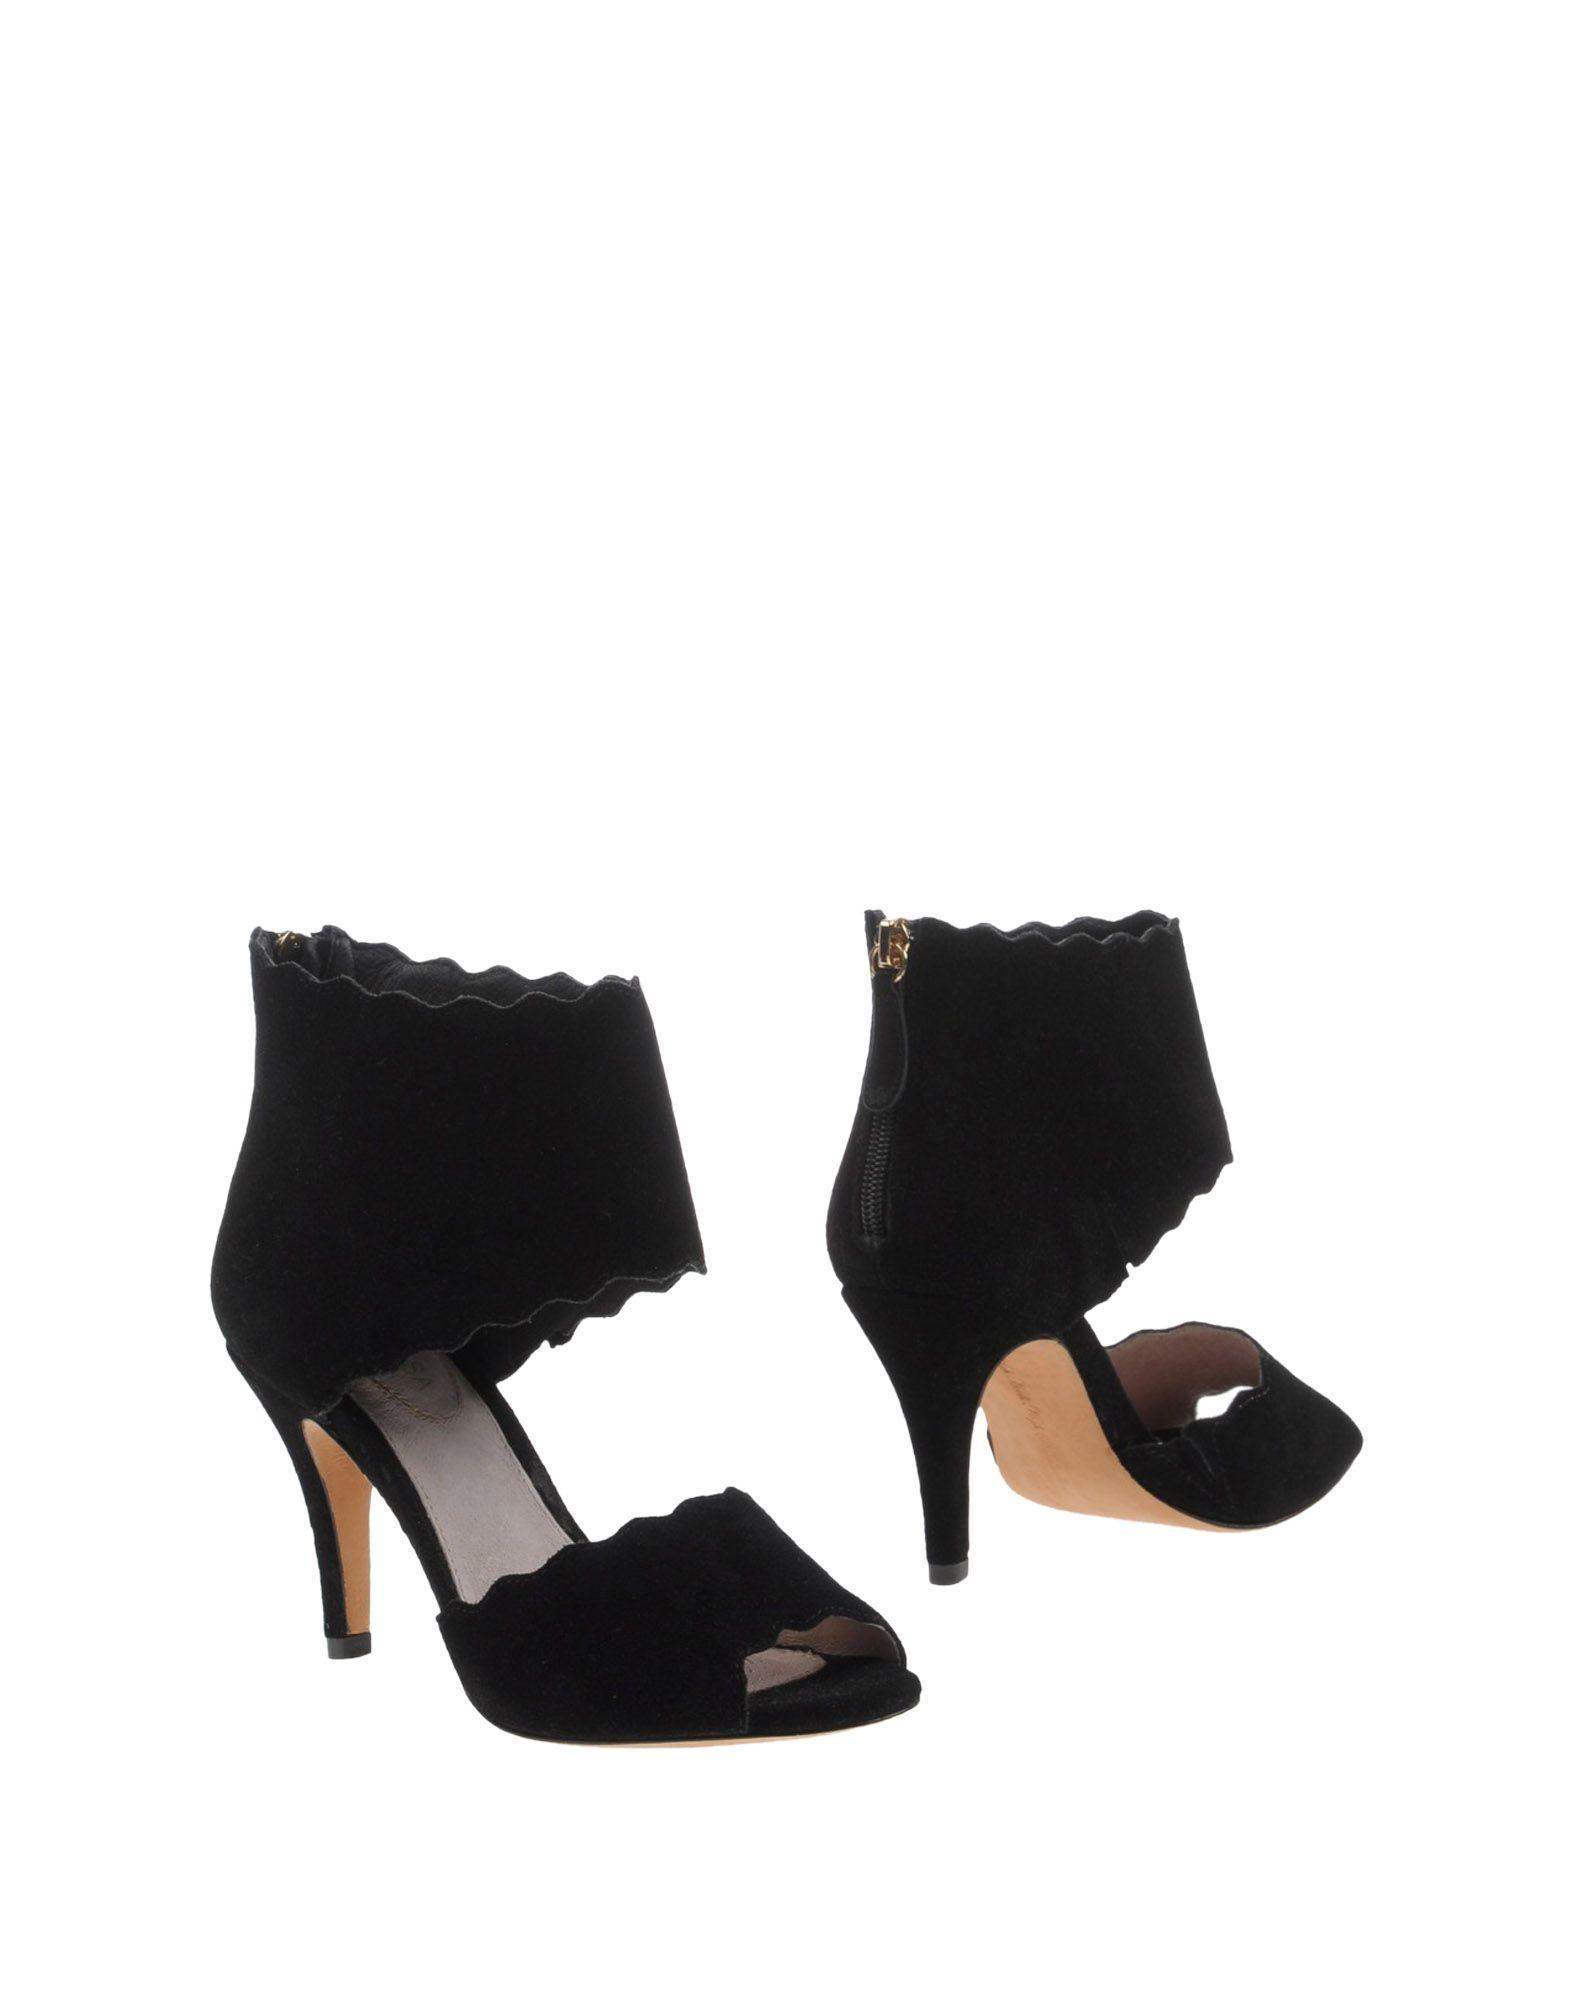 Haltbare Mode billige Schuhe Sargossa Stiefelette Damen  11354512RE Heiße Schuhe